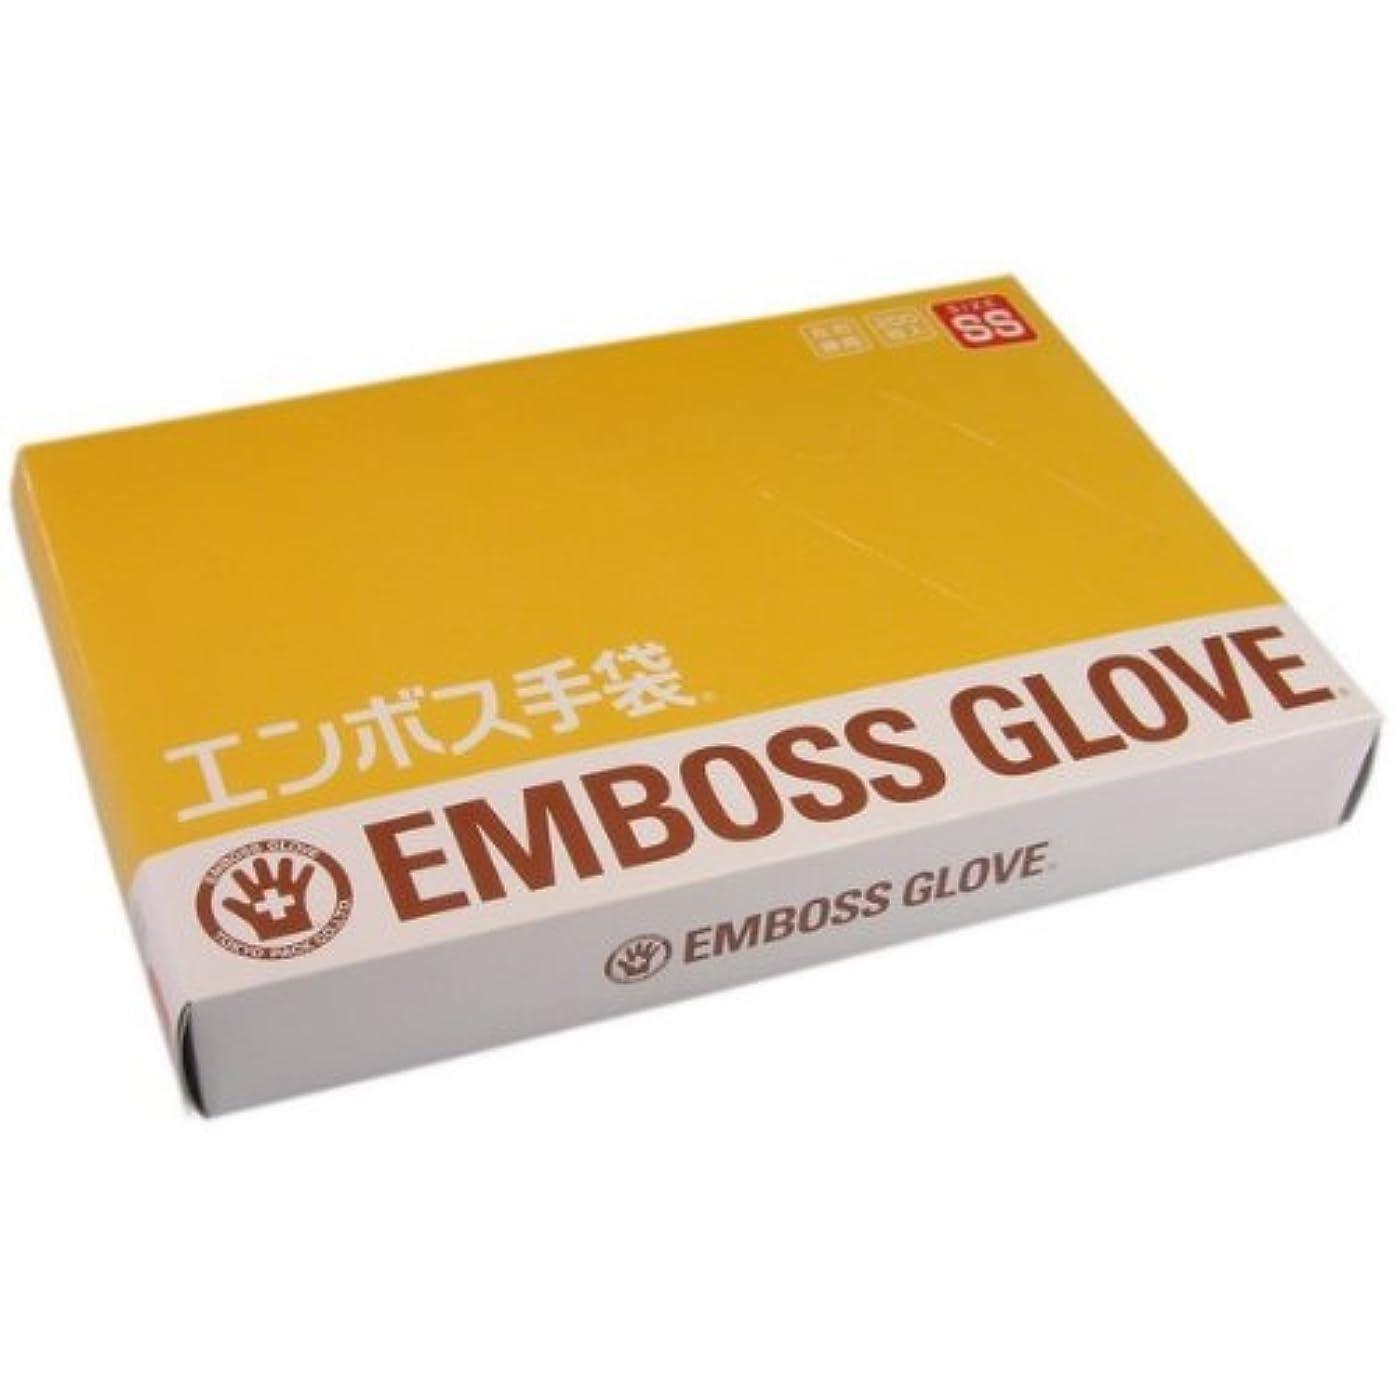 急流花束上がるエンボス手袋 SS 200枚 東京パック 海外品